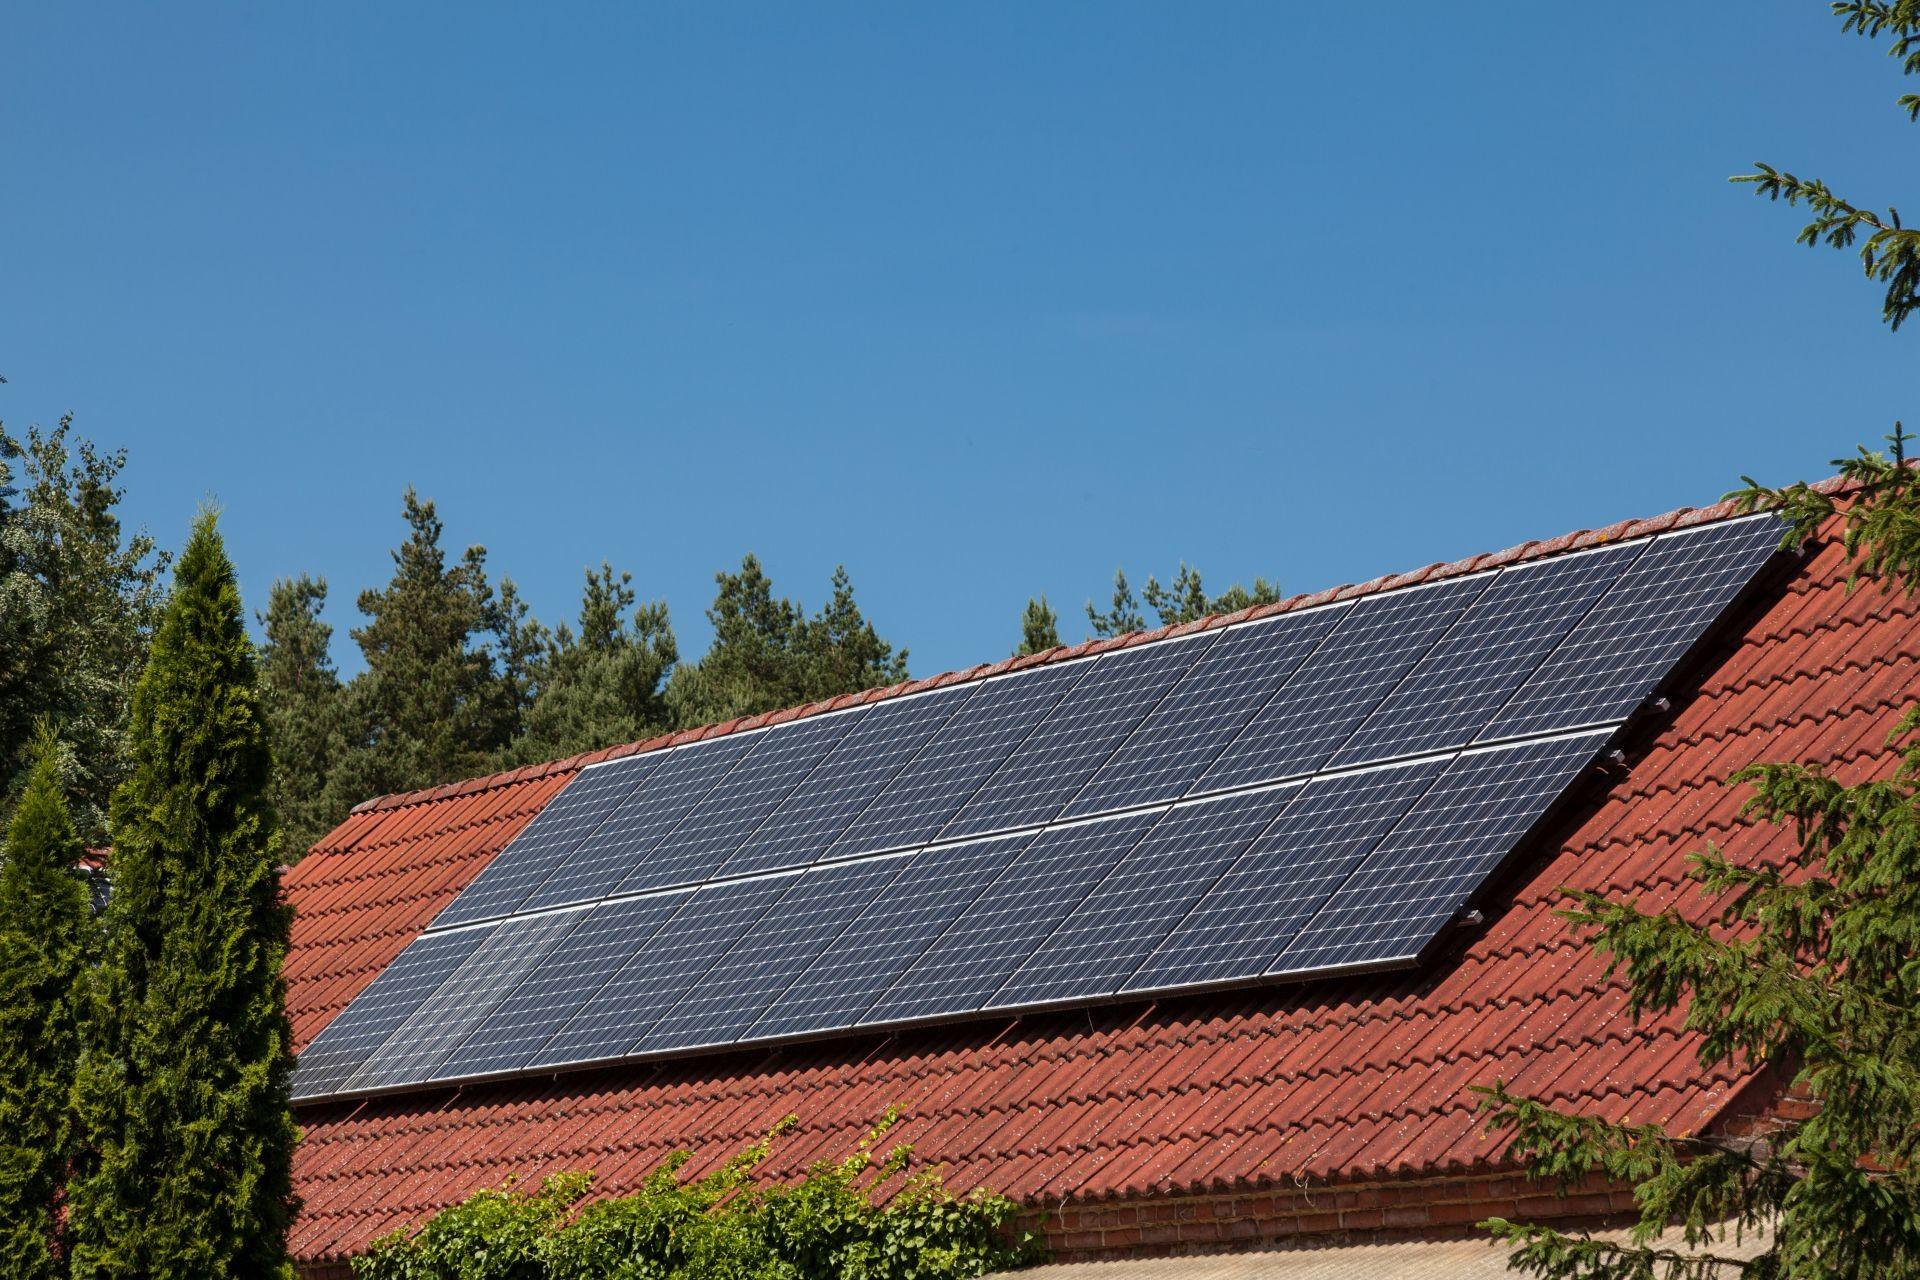 Hybridkonzept Mit Brennstoffzelle Und Photovoltaik Gebaudetechnik News Produkte Baunetz Wissen